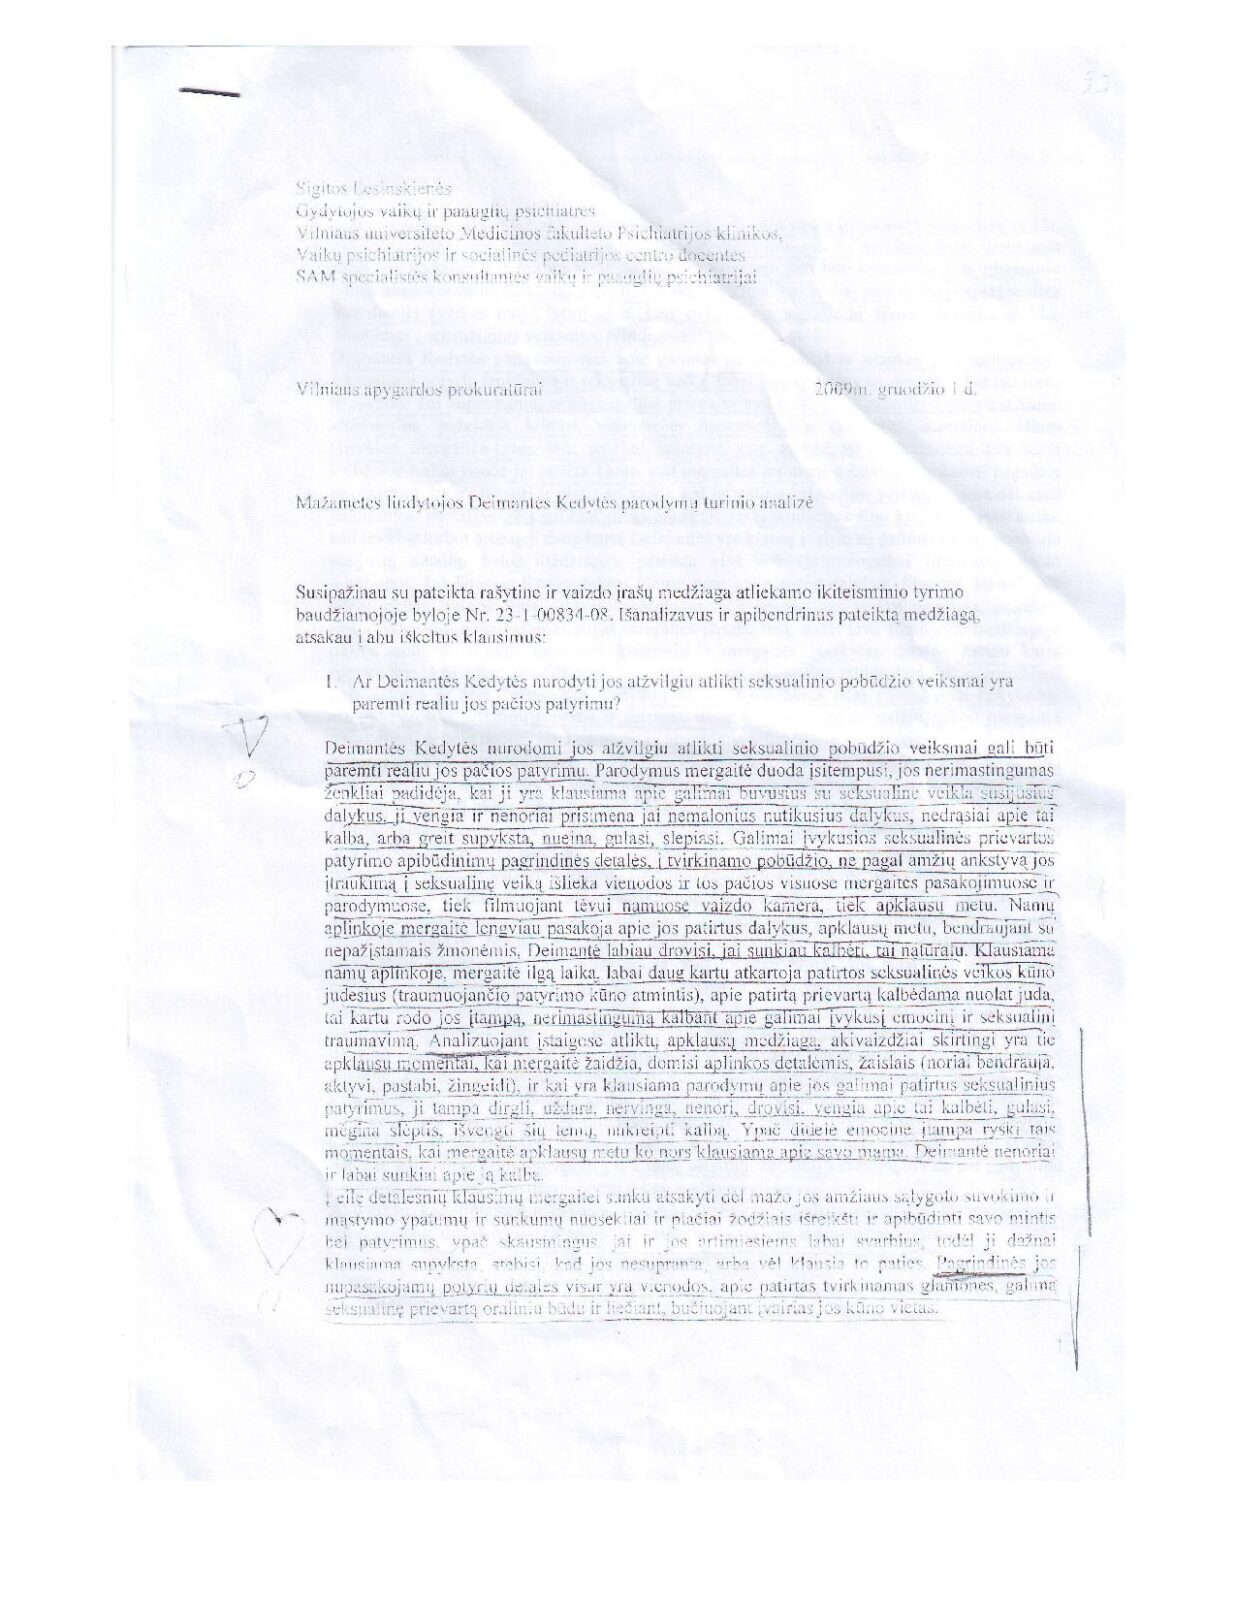 Nepakeičiama teisėsaugos liudininkė-žurnalistė A.Kuznecovaitė praneša naujas sensacijas apie pedofilijos bylą